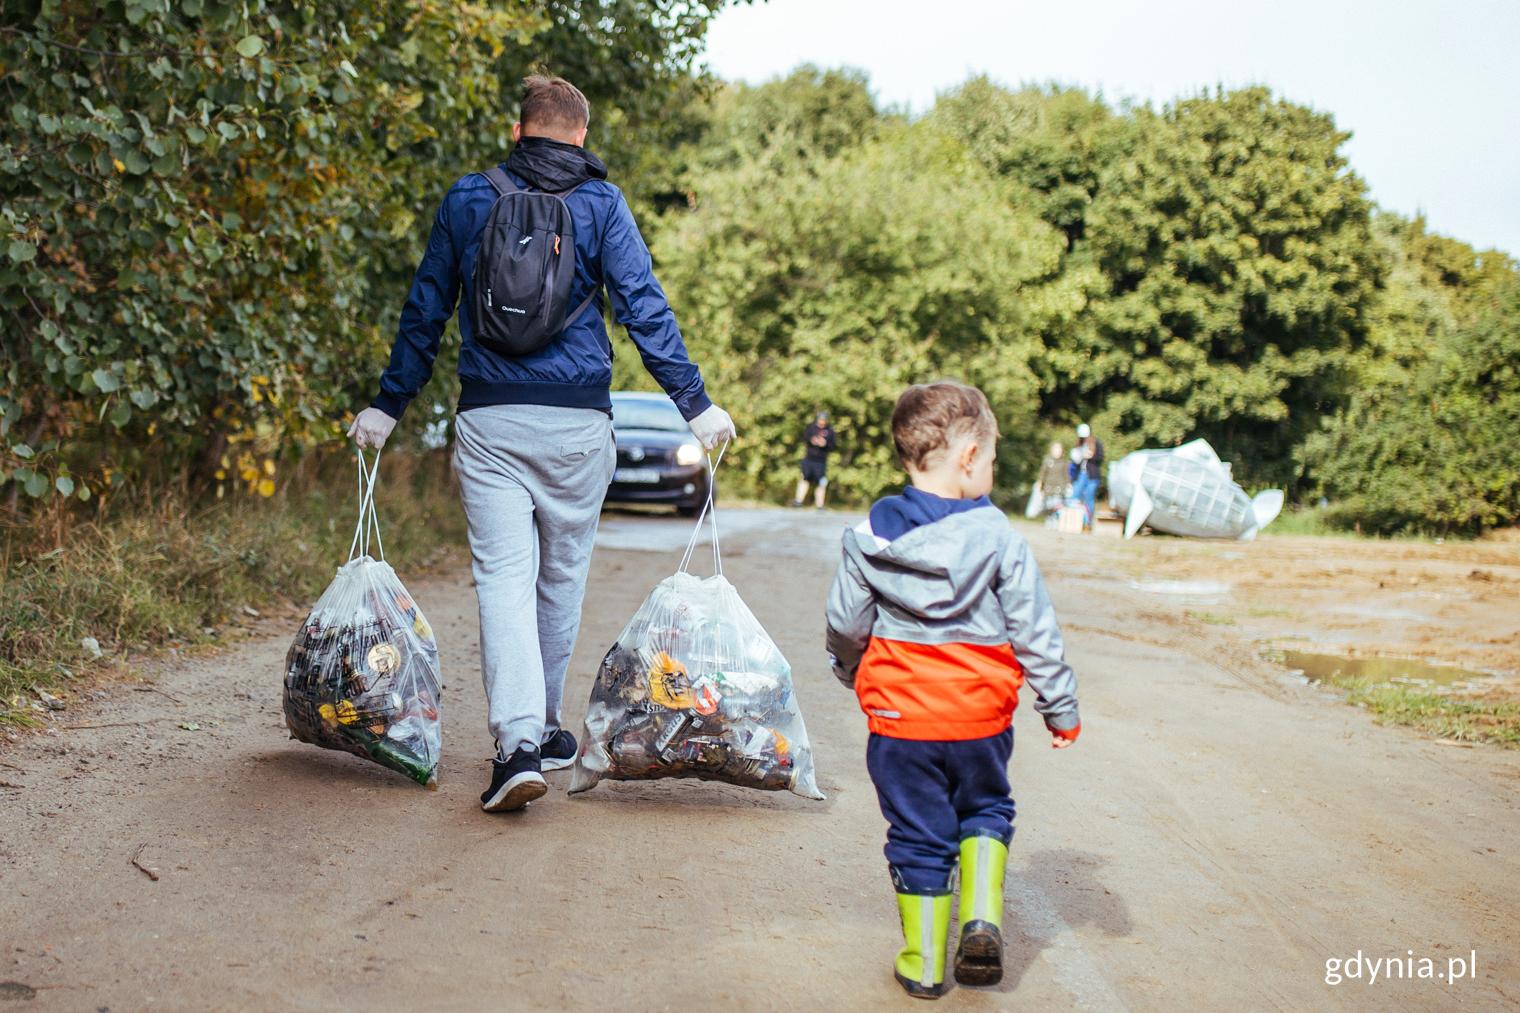 Sprzątanie Ziemi w Gdyni, zdjęcie archiwalne, fot. Personal PR